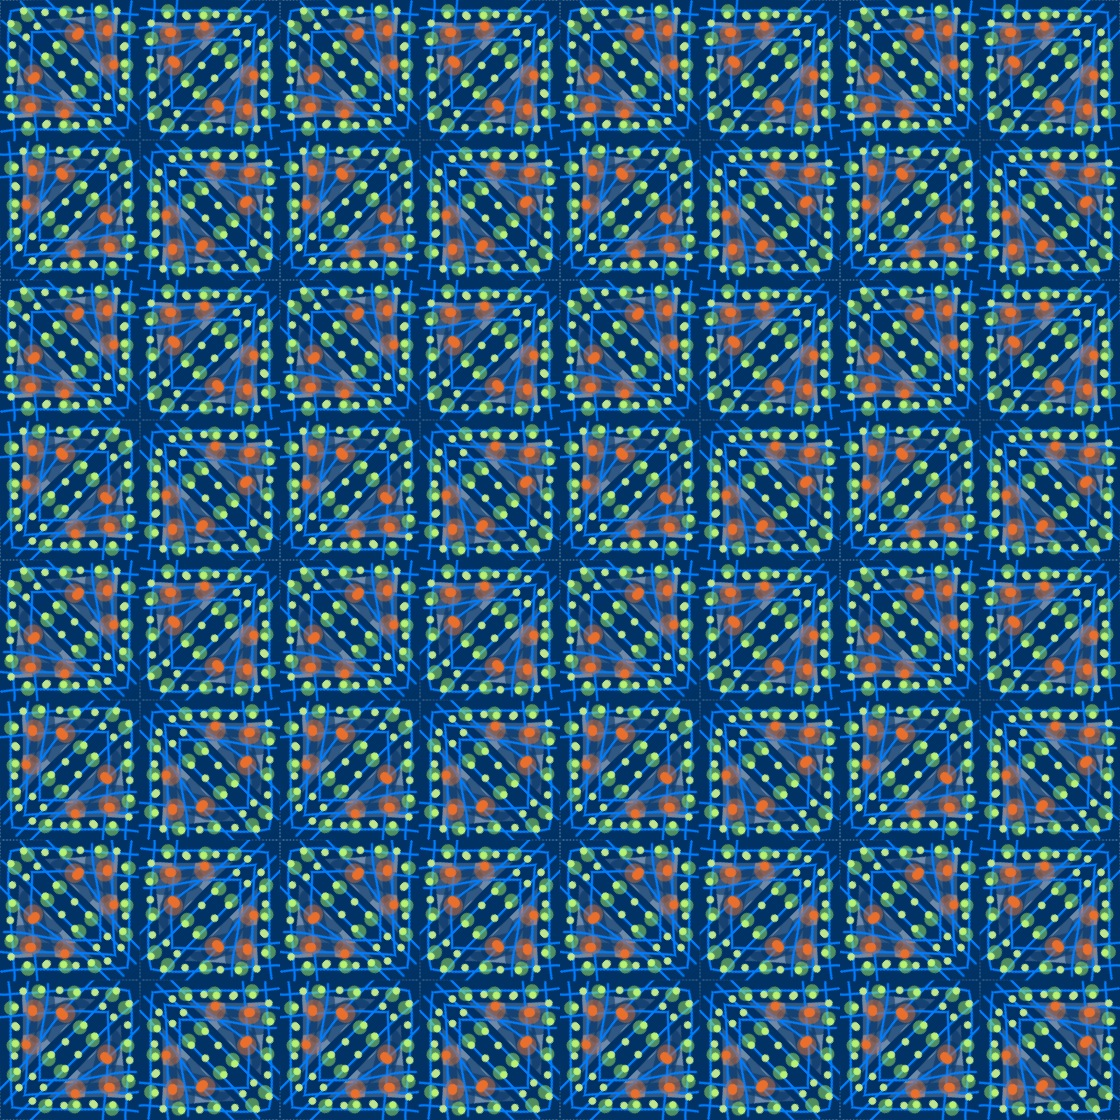 036_tiled